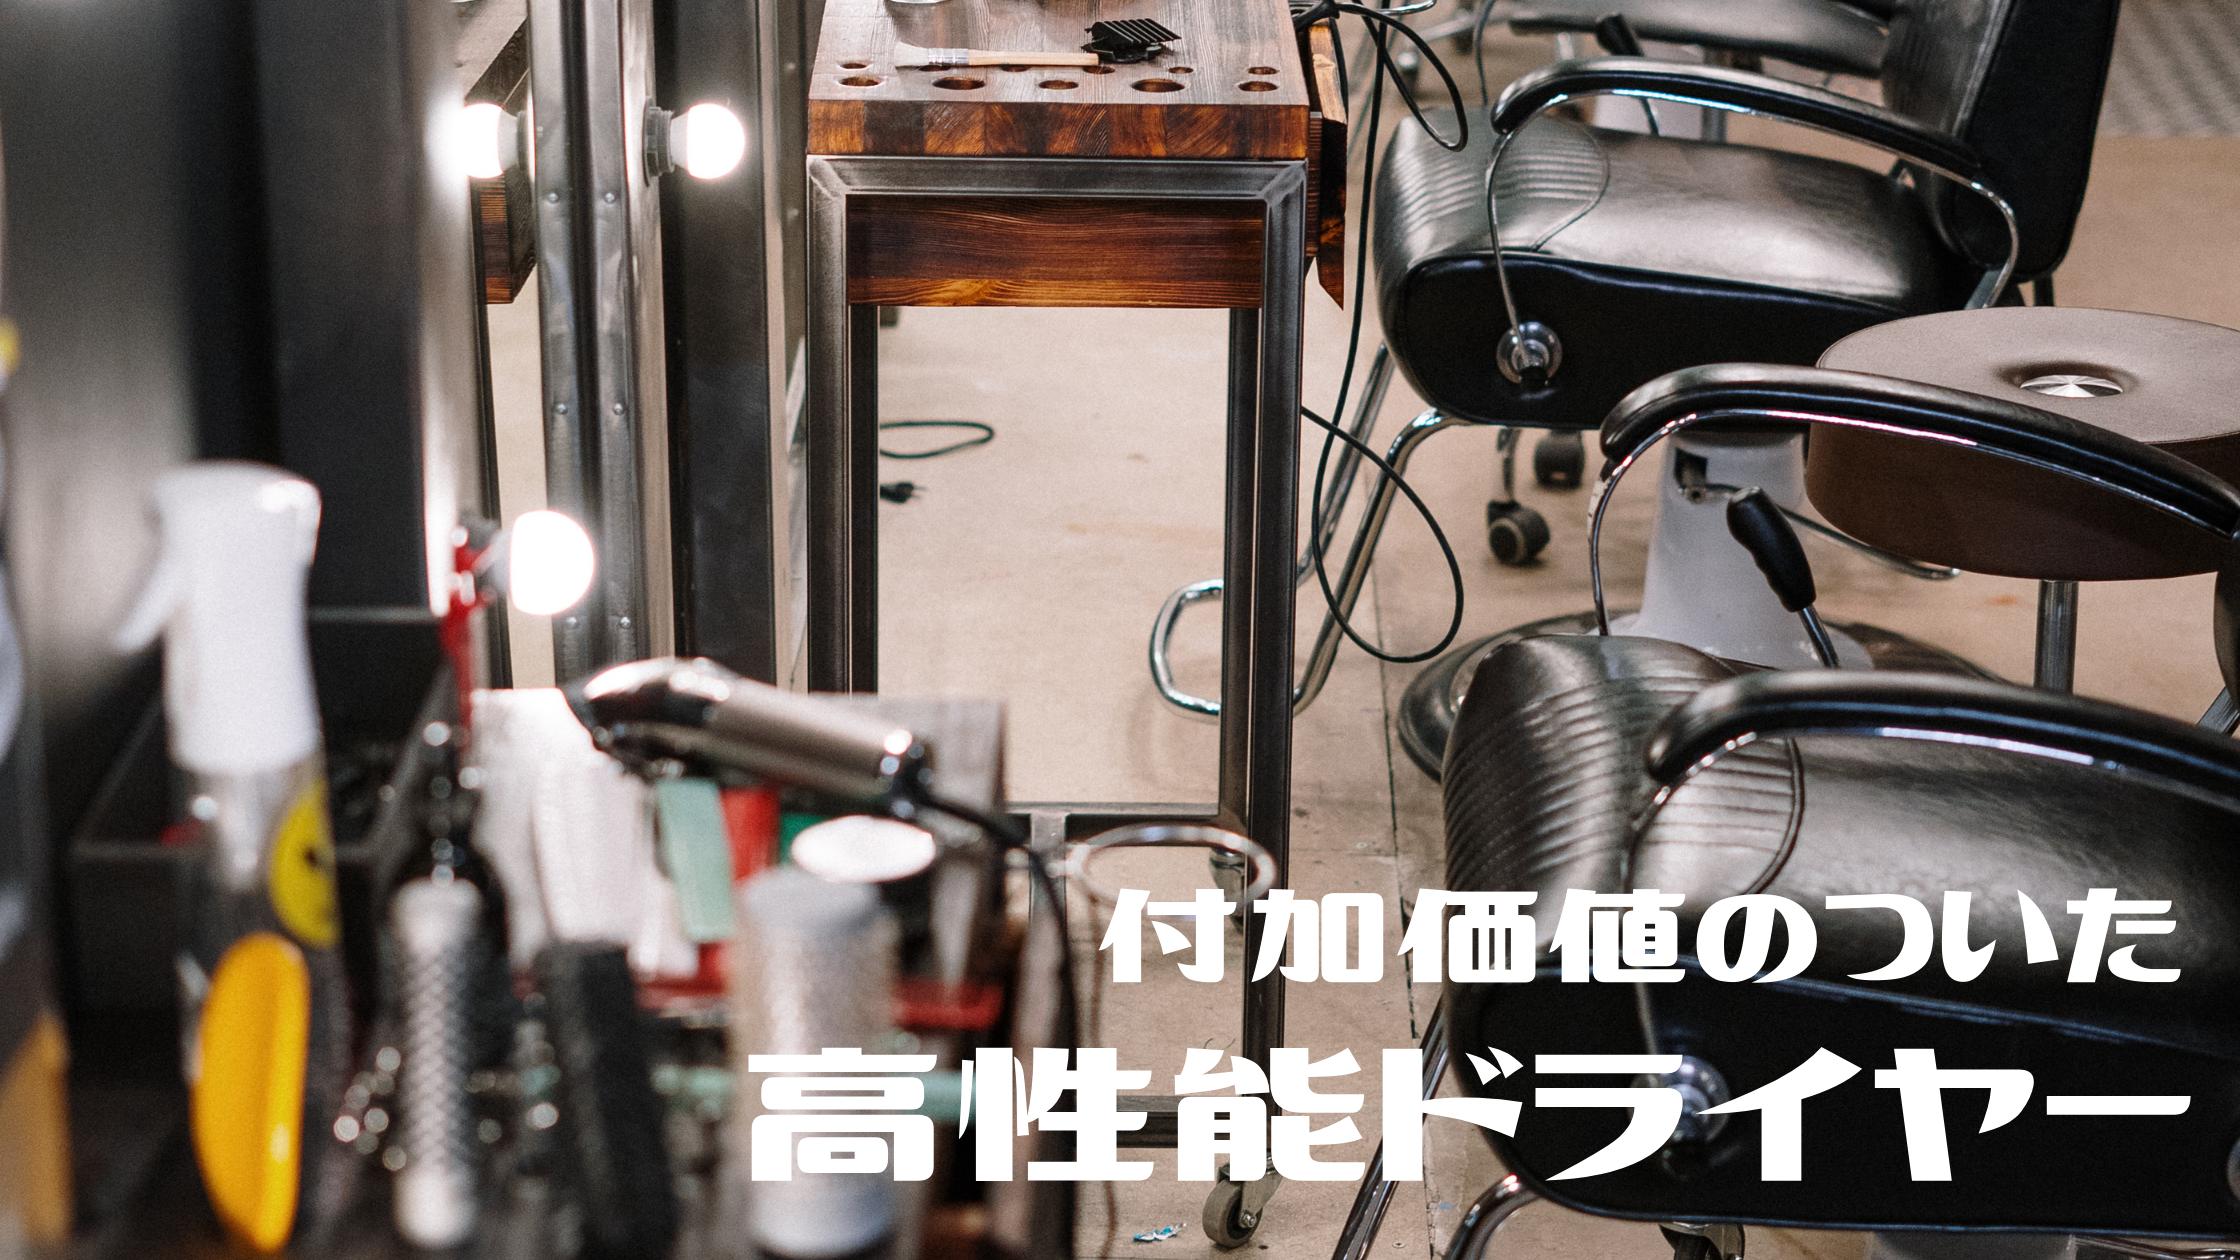 1万円以上の【高級ドライヤー】を持っている人が27.6%!